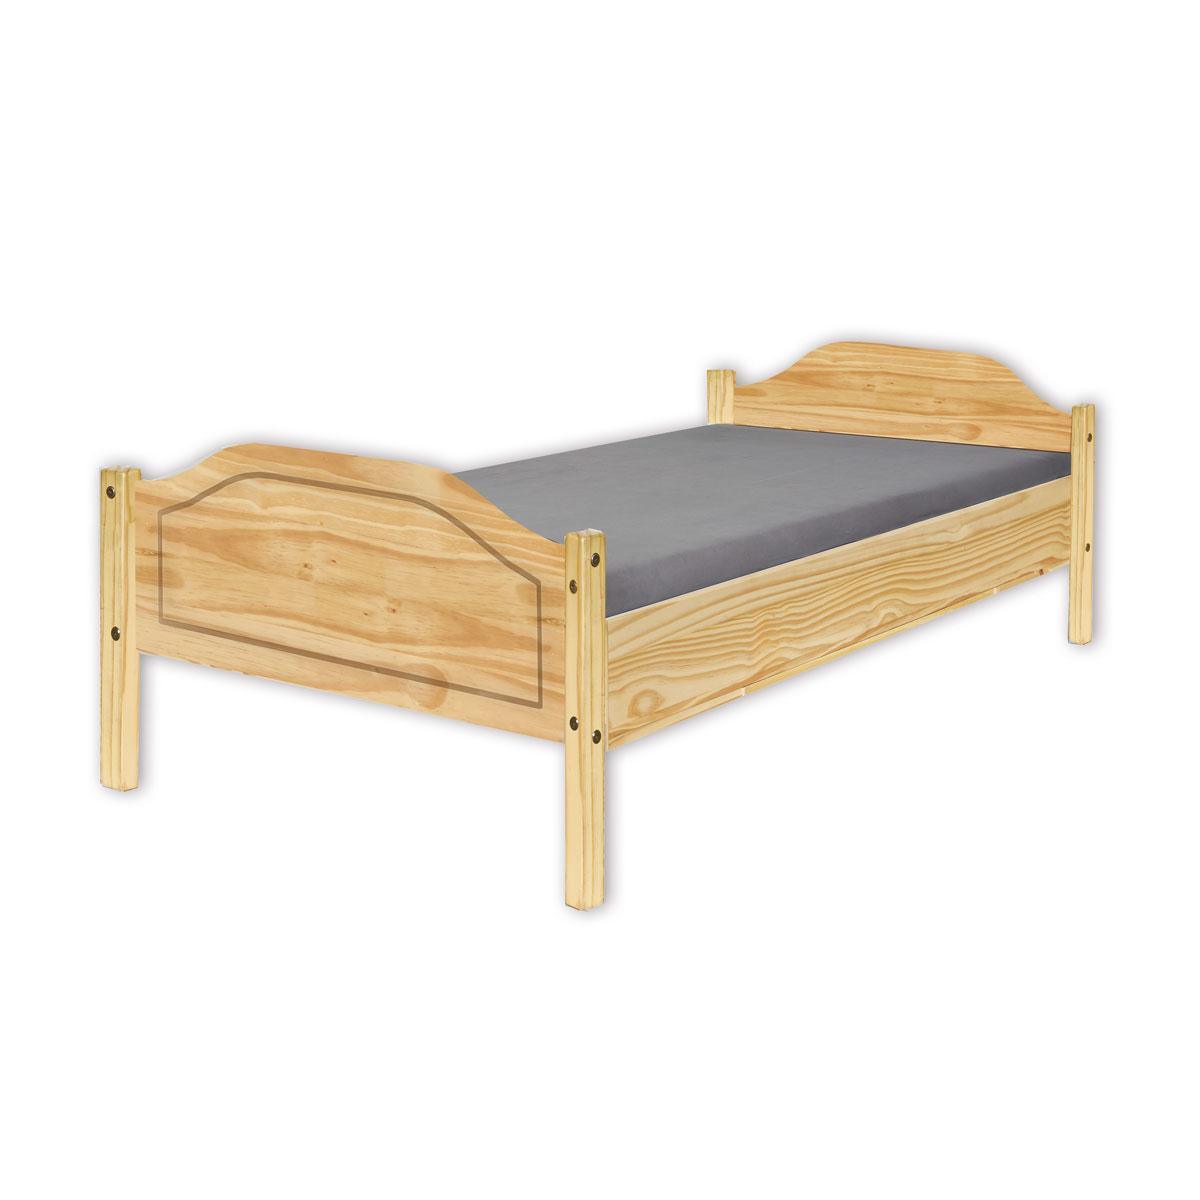 Full Size of Interlink Funktionscouch Lotar Kiefer Bett 90x200 Preisvergleich Besten Angebote Online Kaufen Wohnzimmer Interlink Funktionscouch Lotar